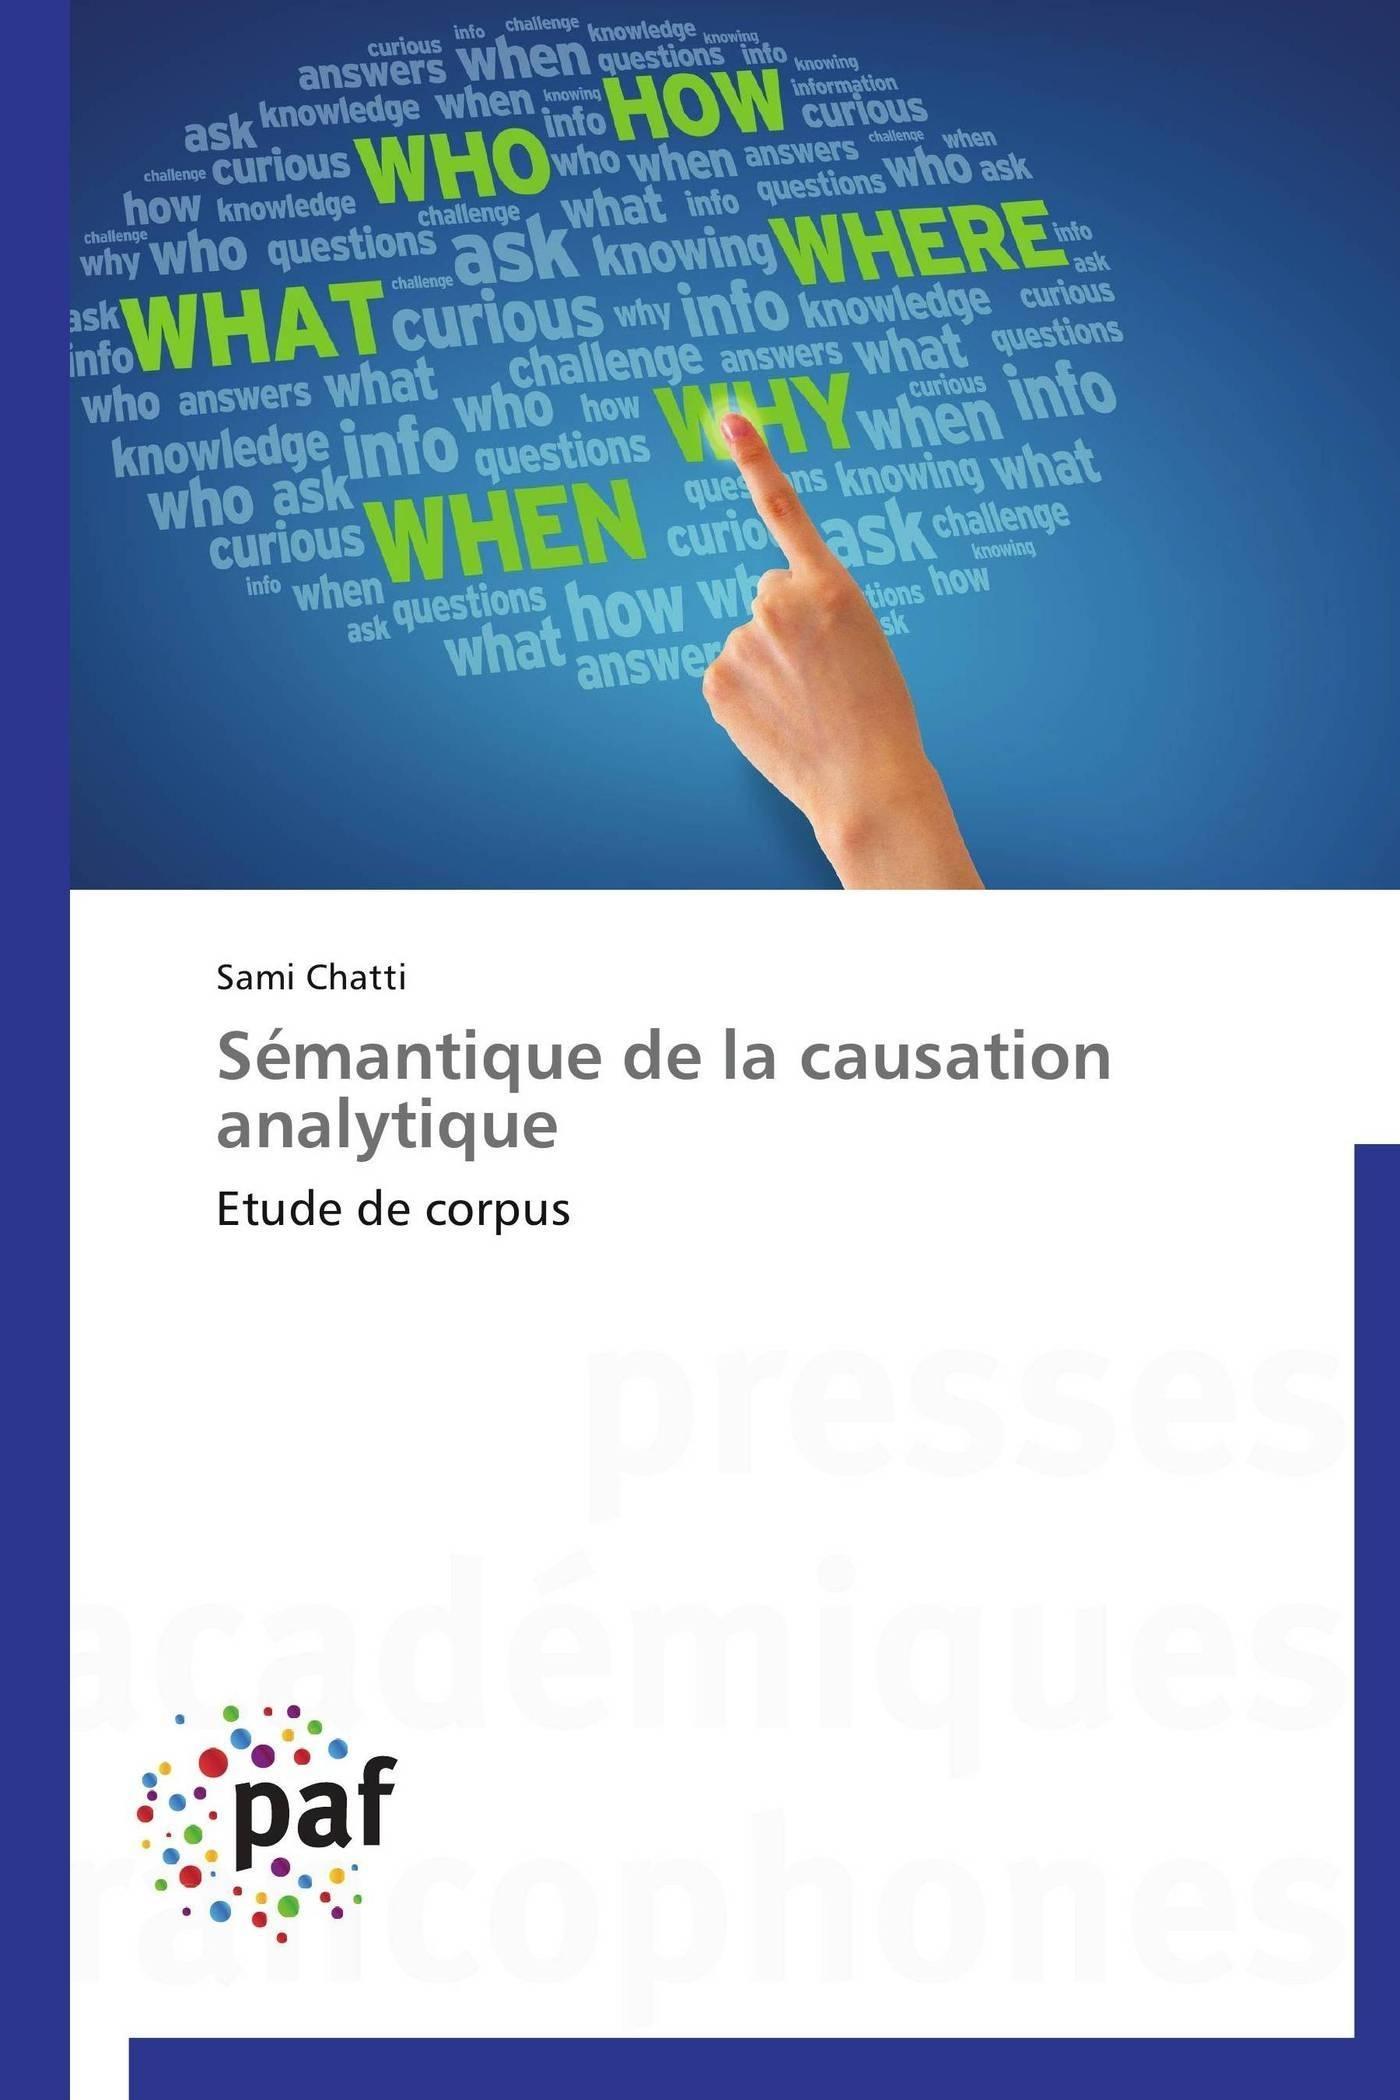 SEMANTIQUE DE LA CAUSATION ANALYTIQUE